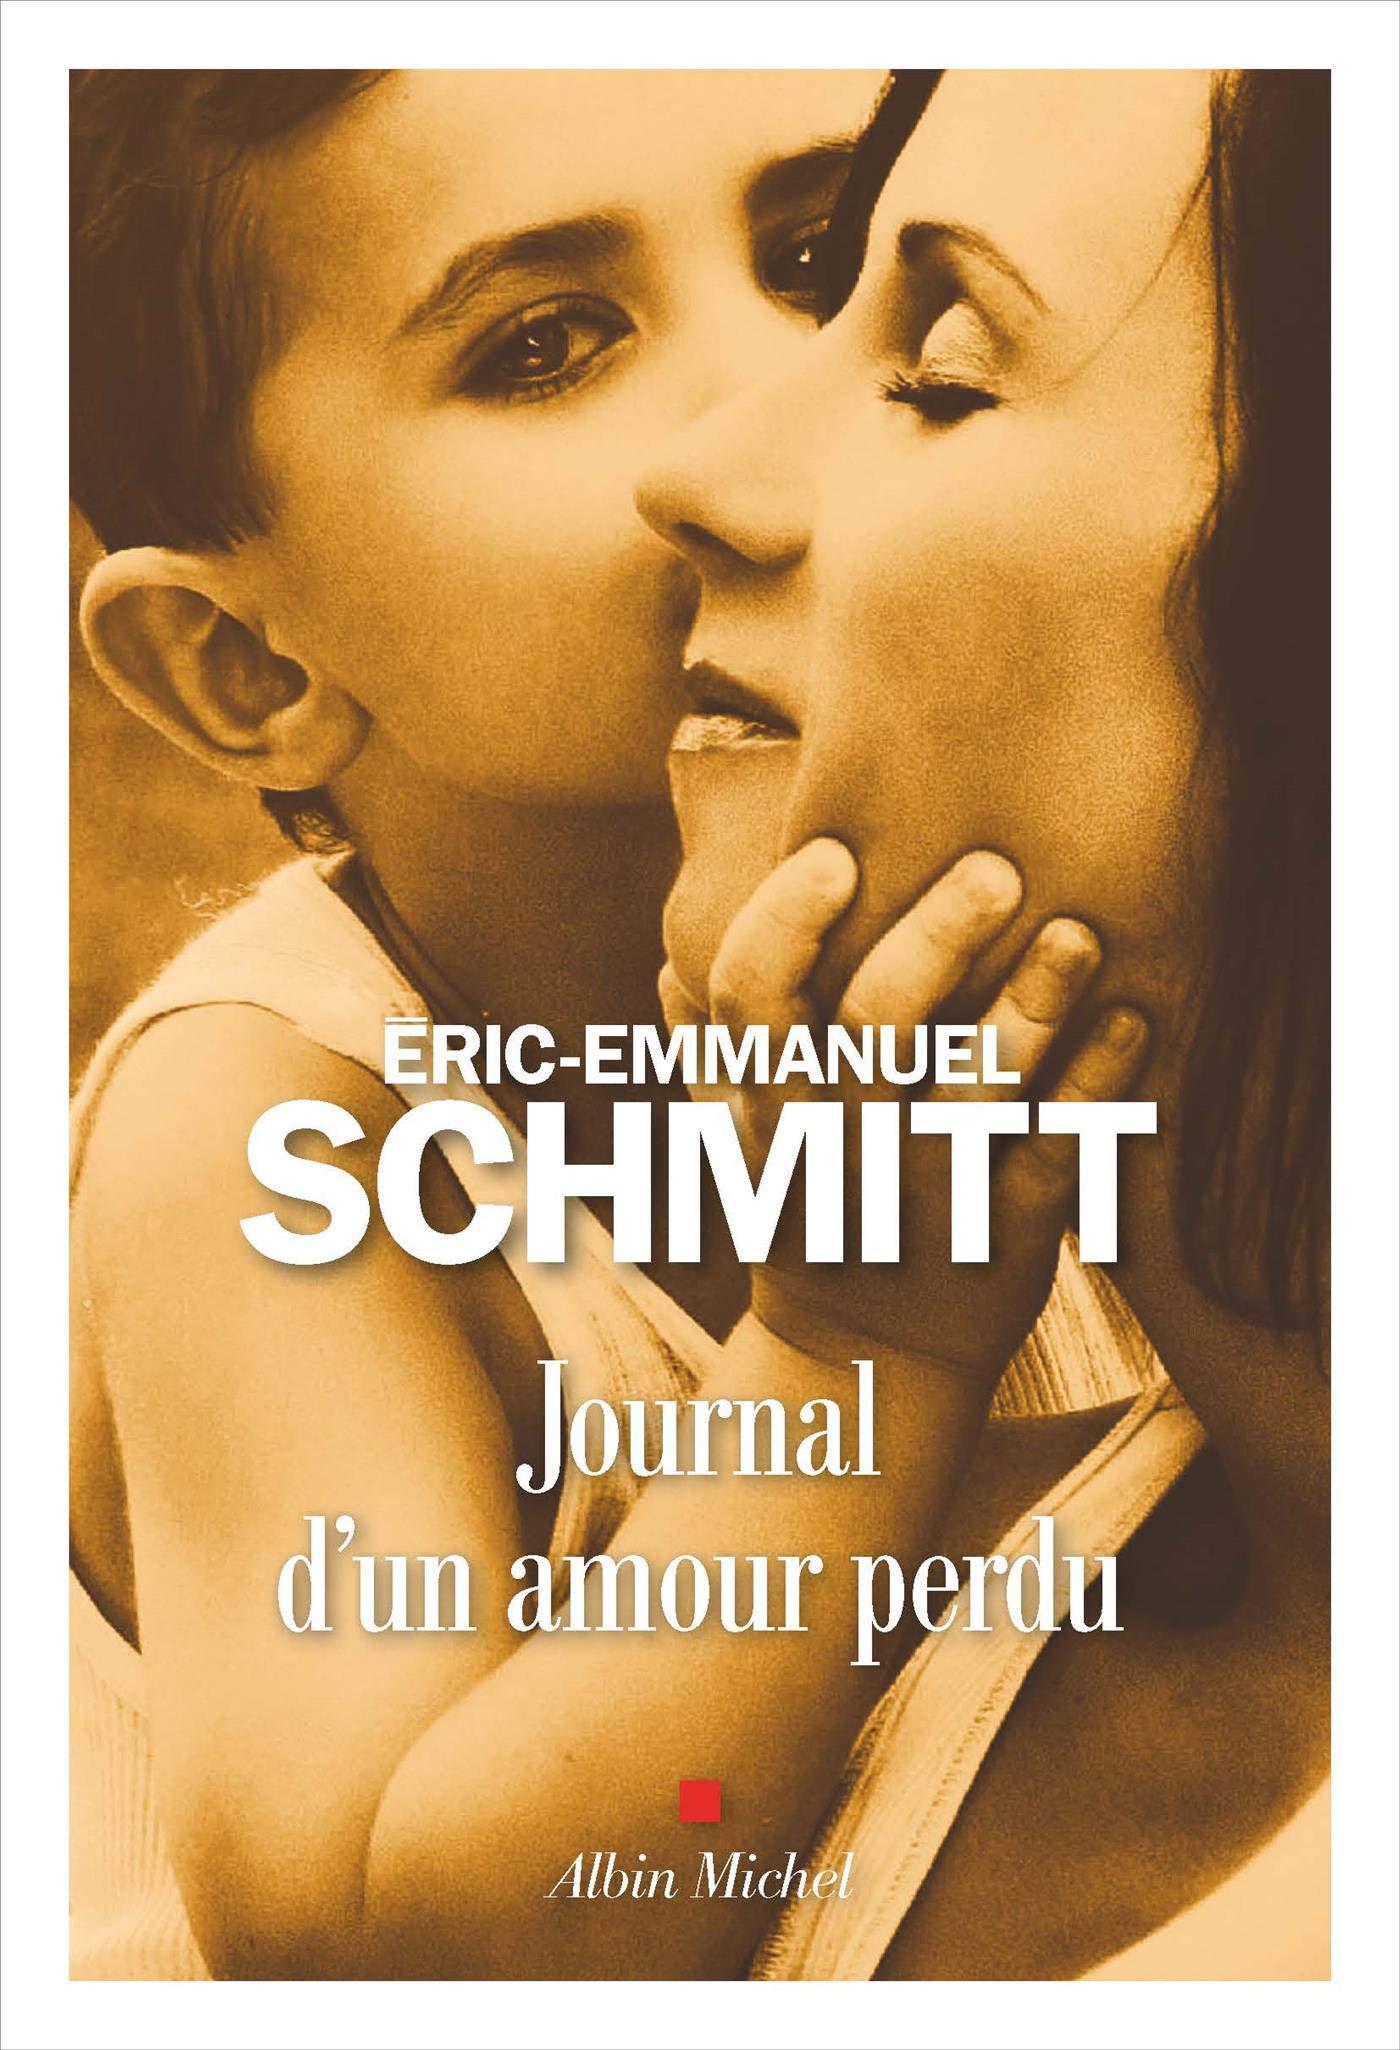 journal_amour_perdu_EE-Schmitt.jpg